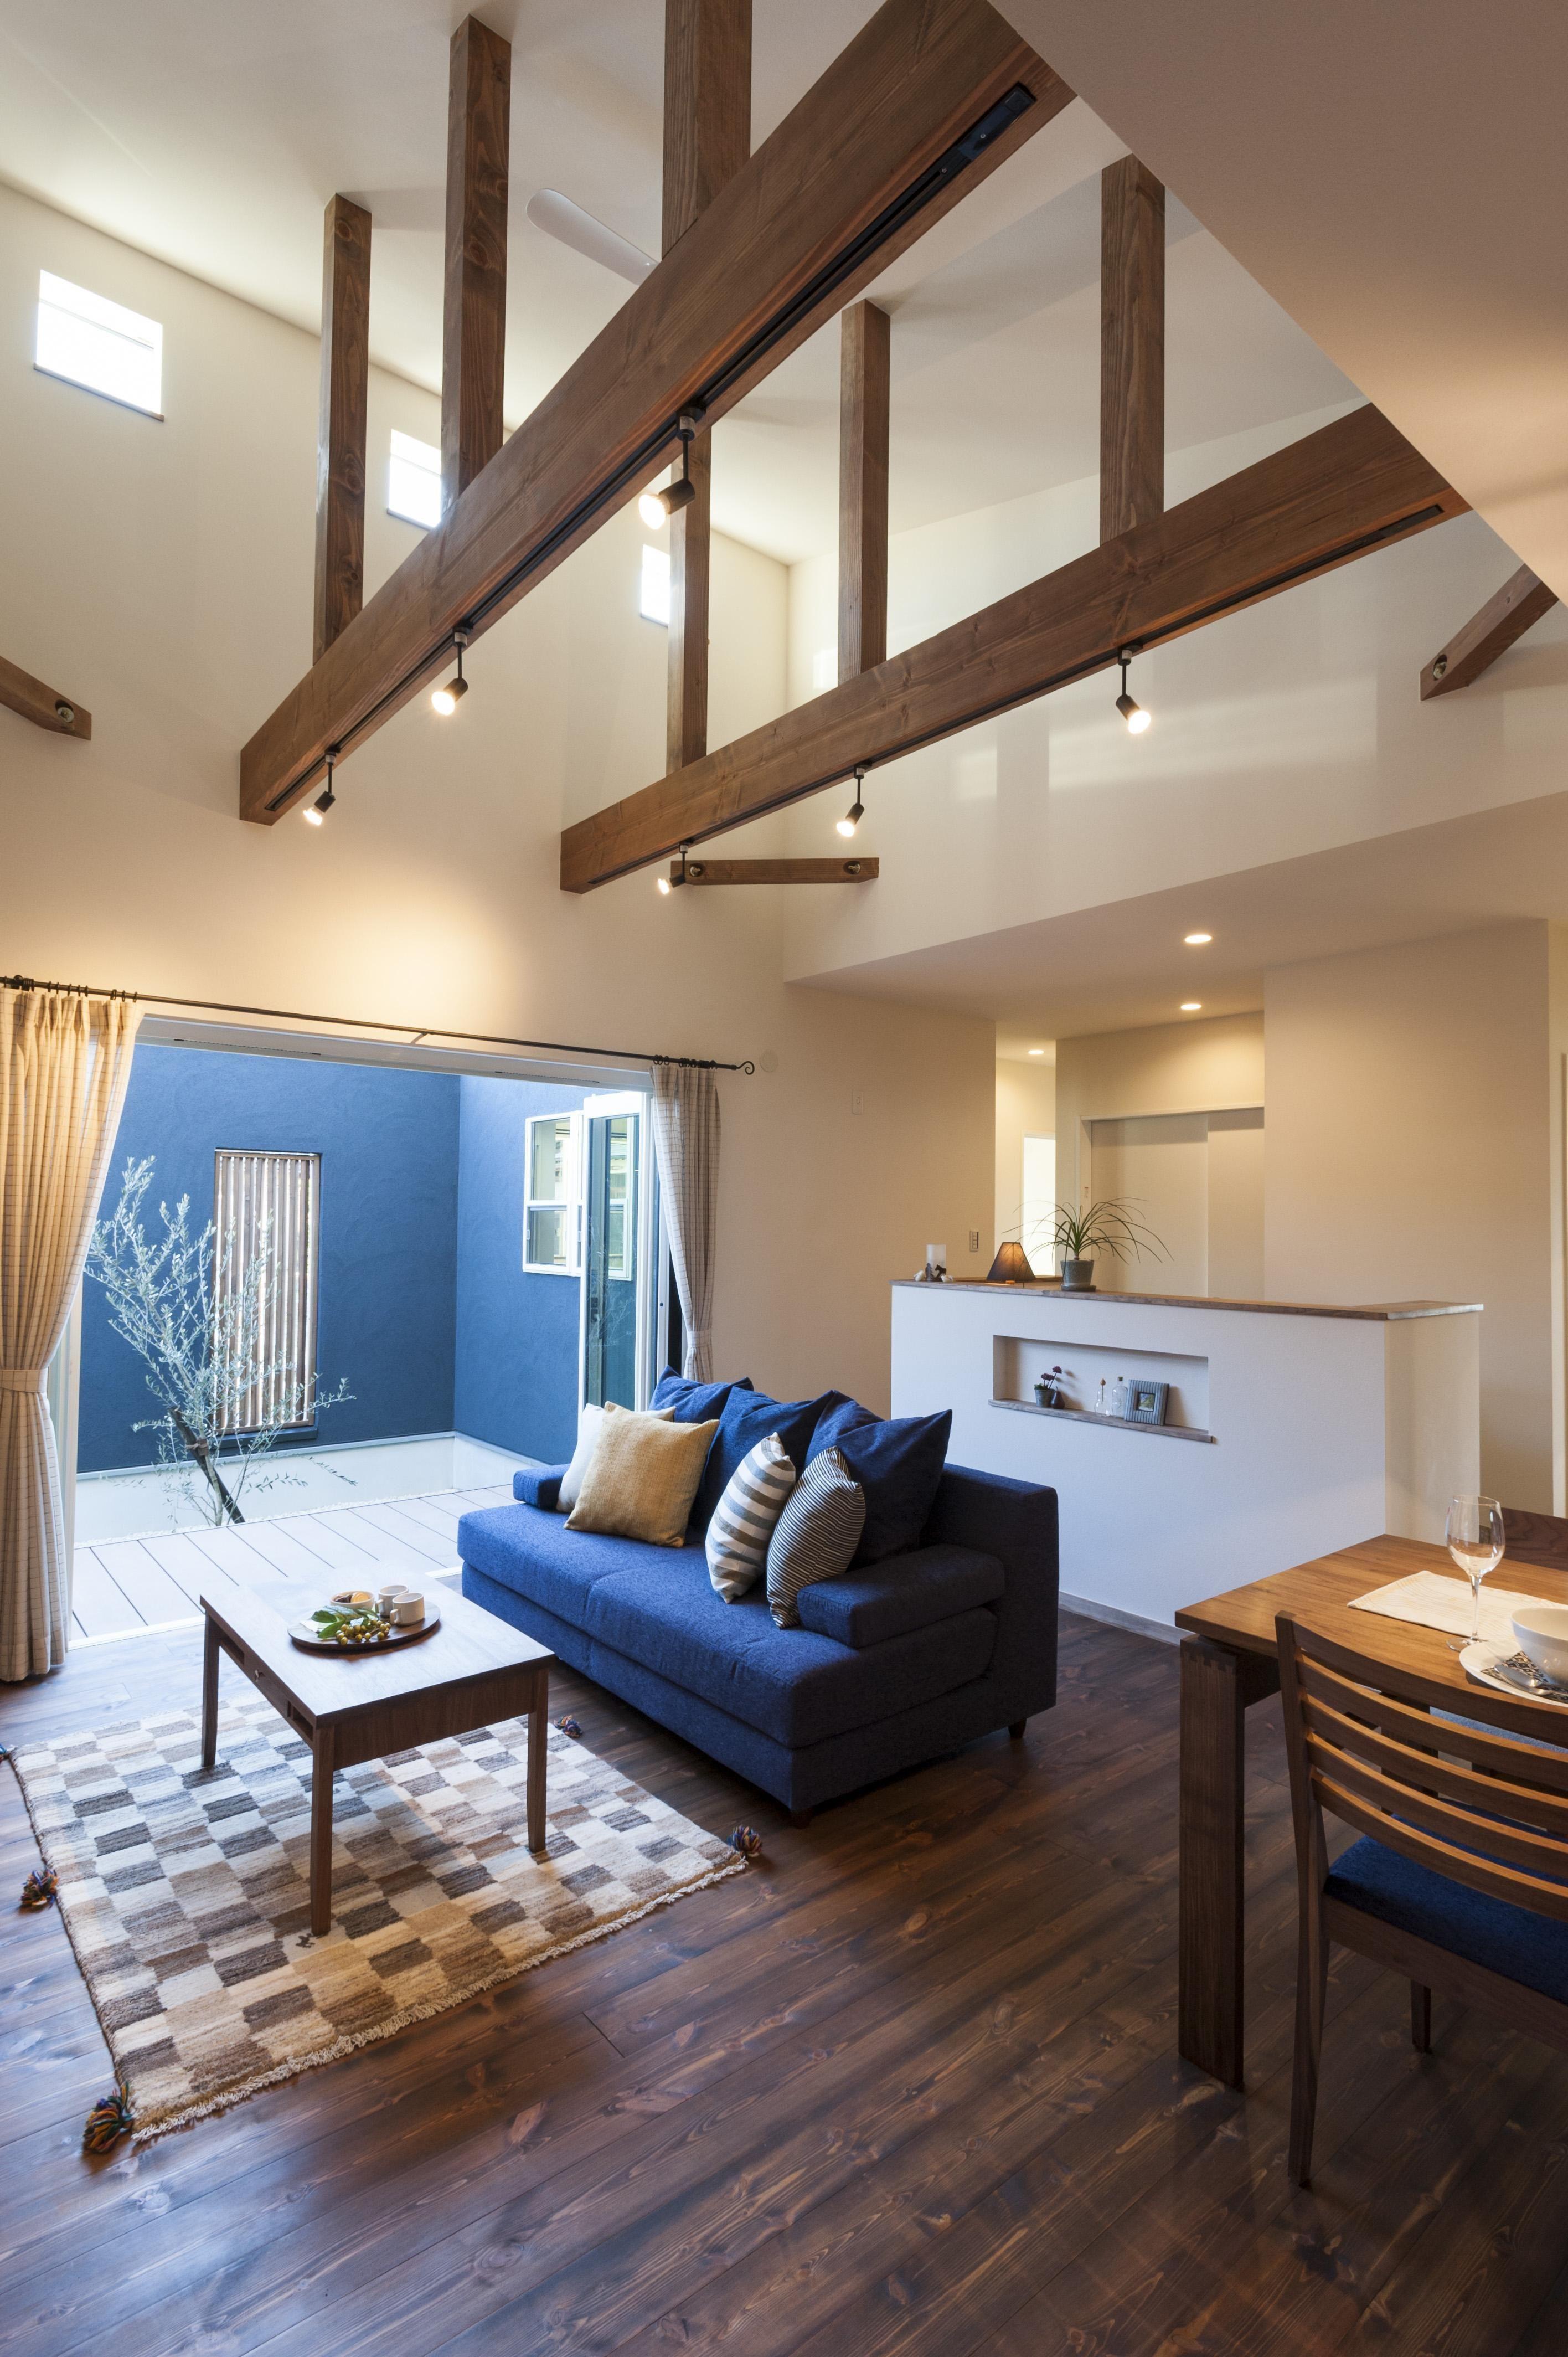 6畳リビングのおしゃれなレイアウト集 | インテリア | furniture、room、home